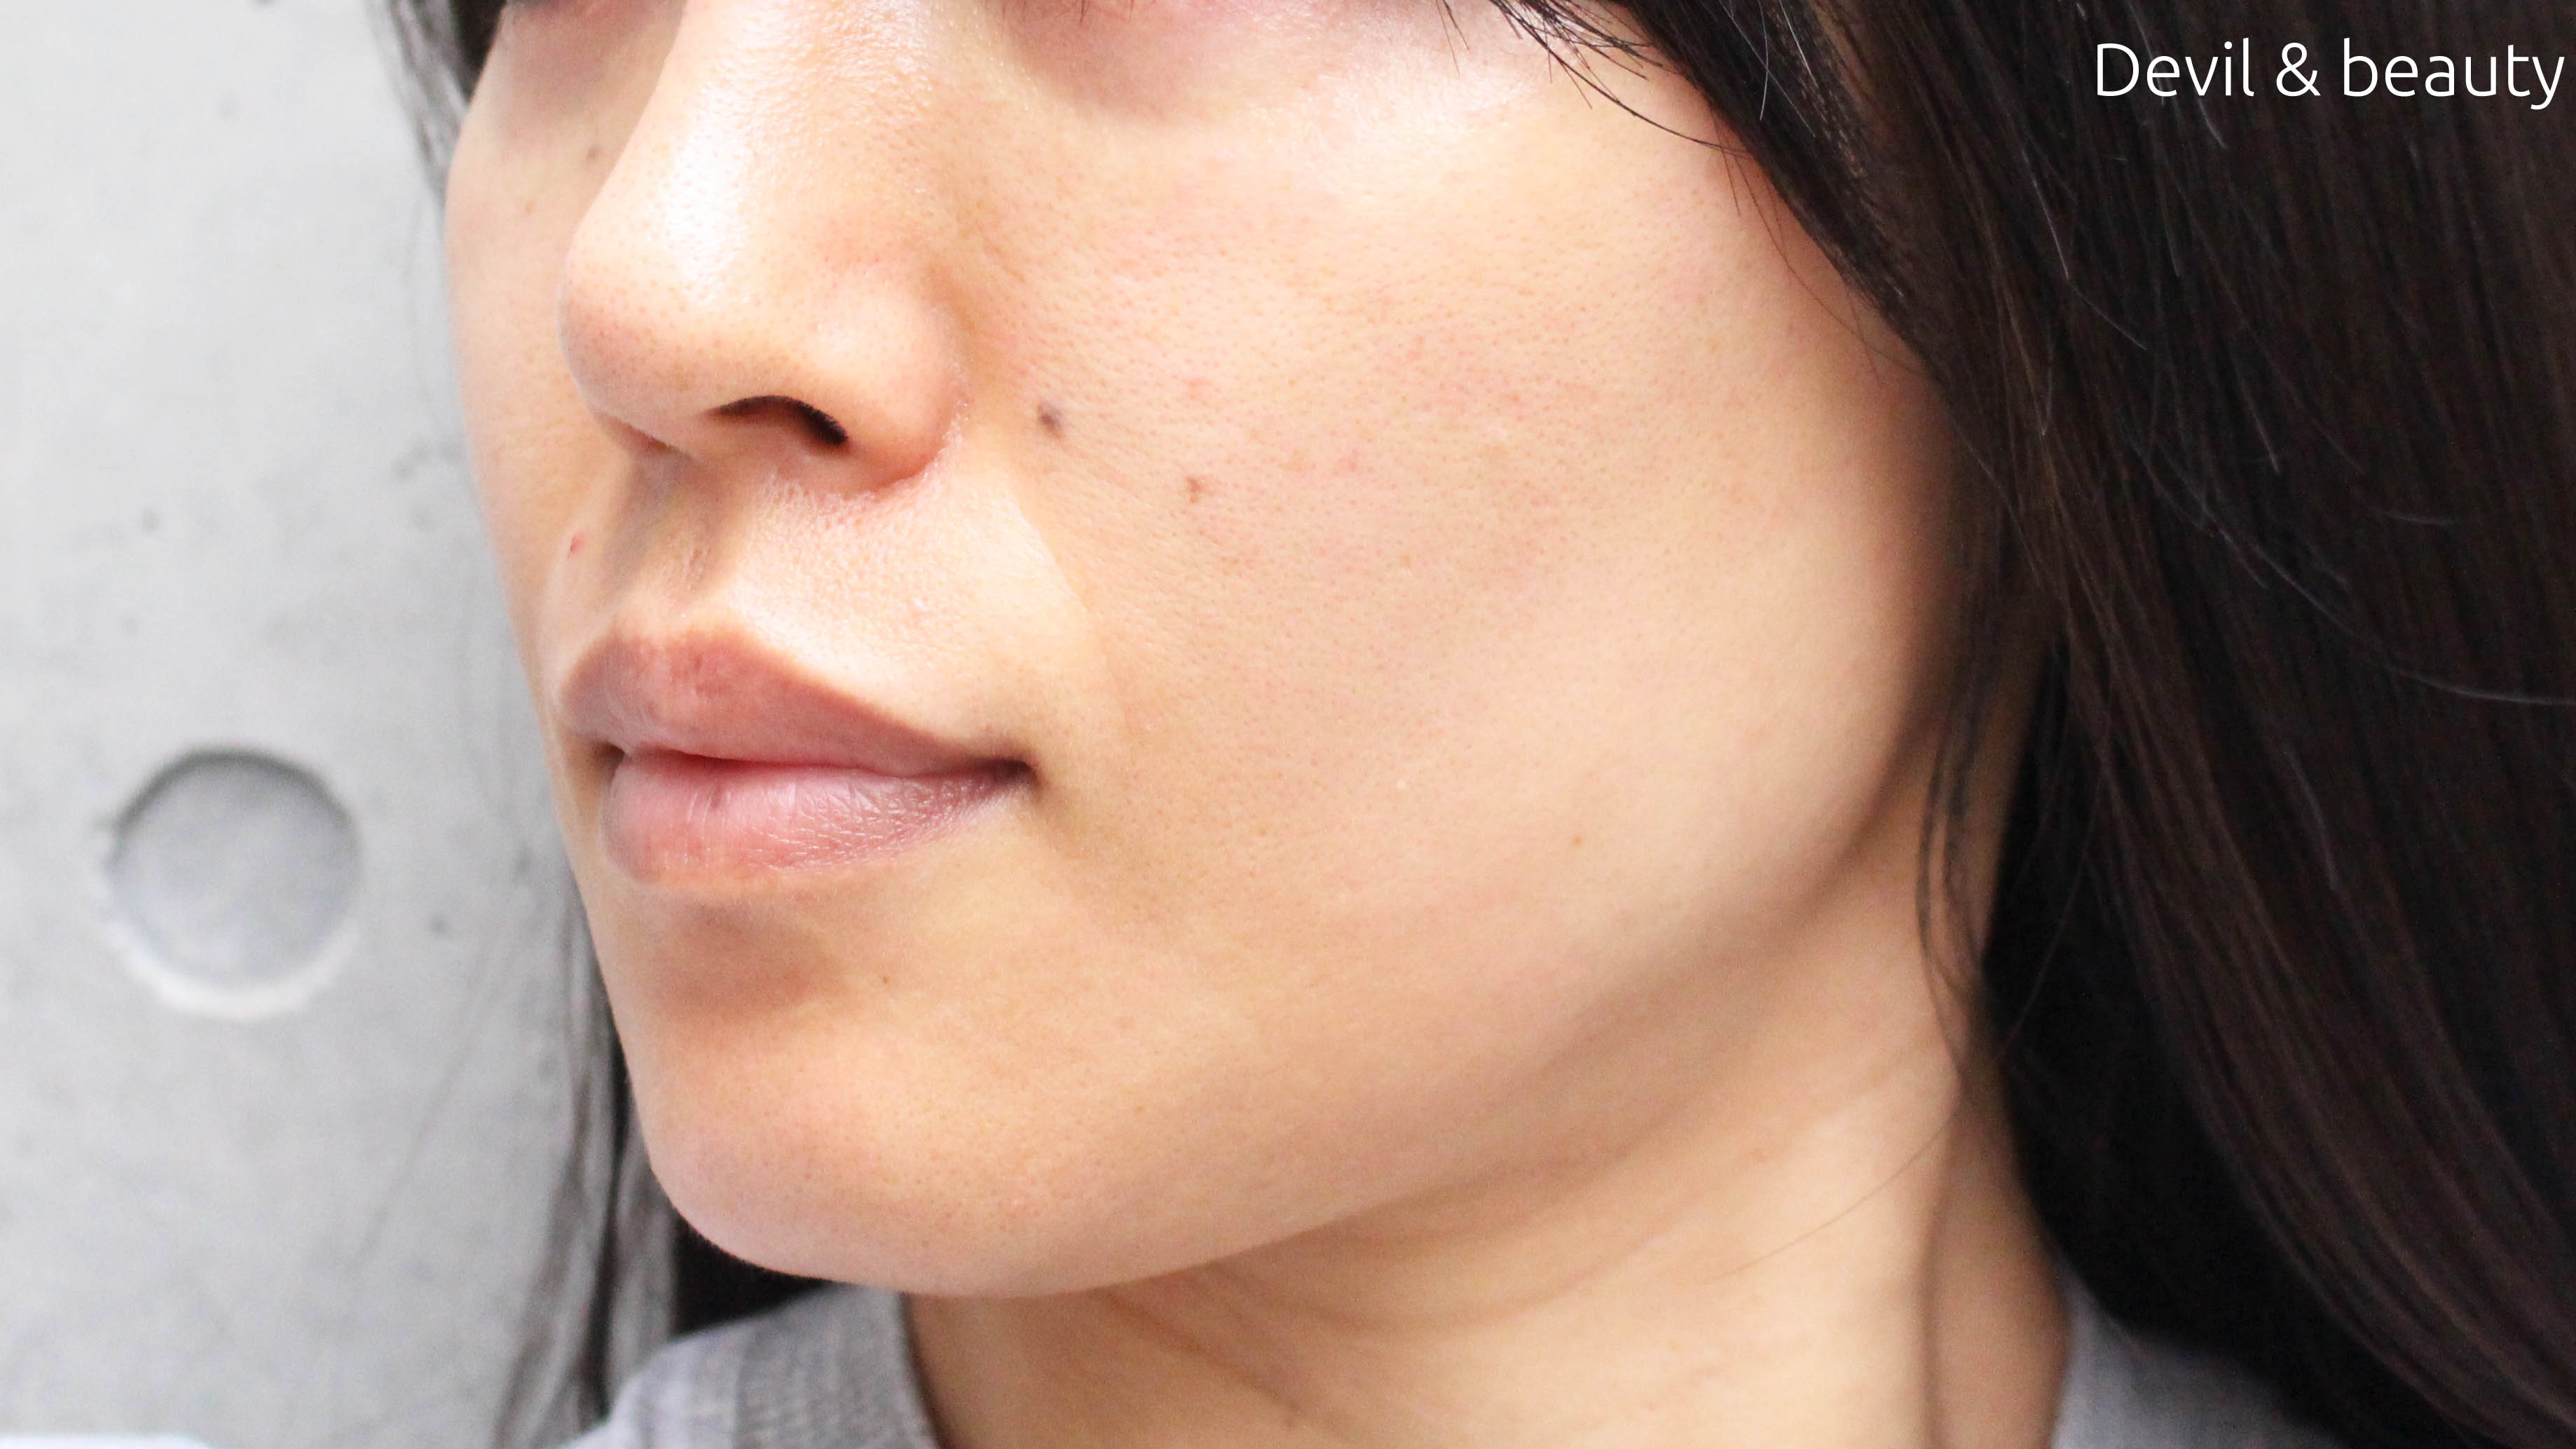 fgf-injection-nasolabial-fold2 - image